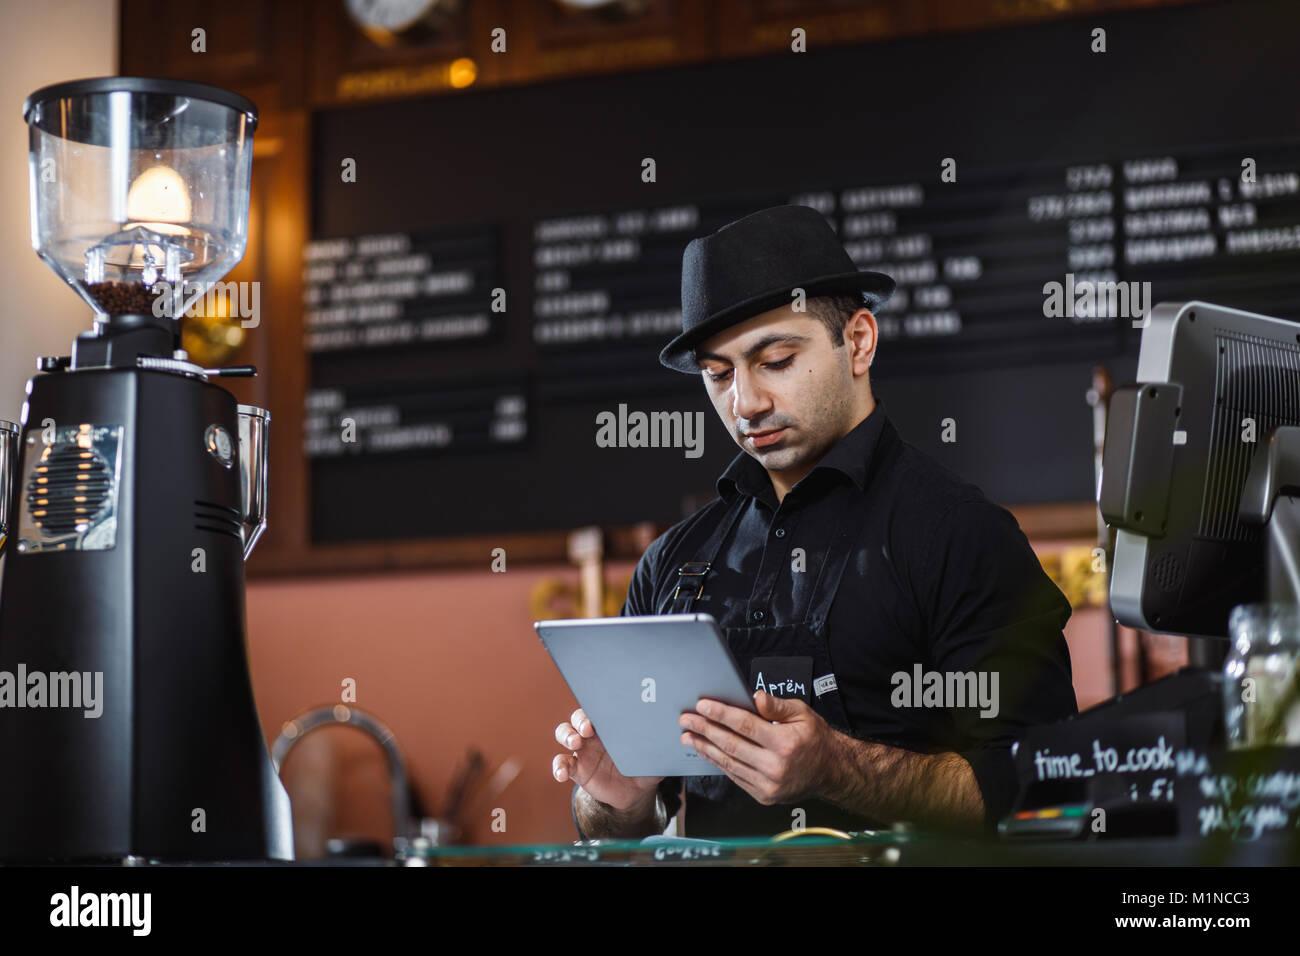 Portrait von barista Holding digital Tablet am Zähler im Coffee Shop. Stockbild